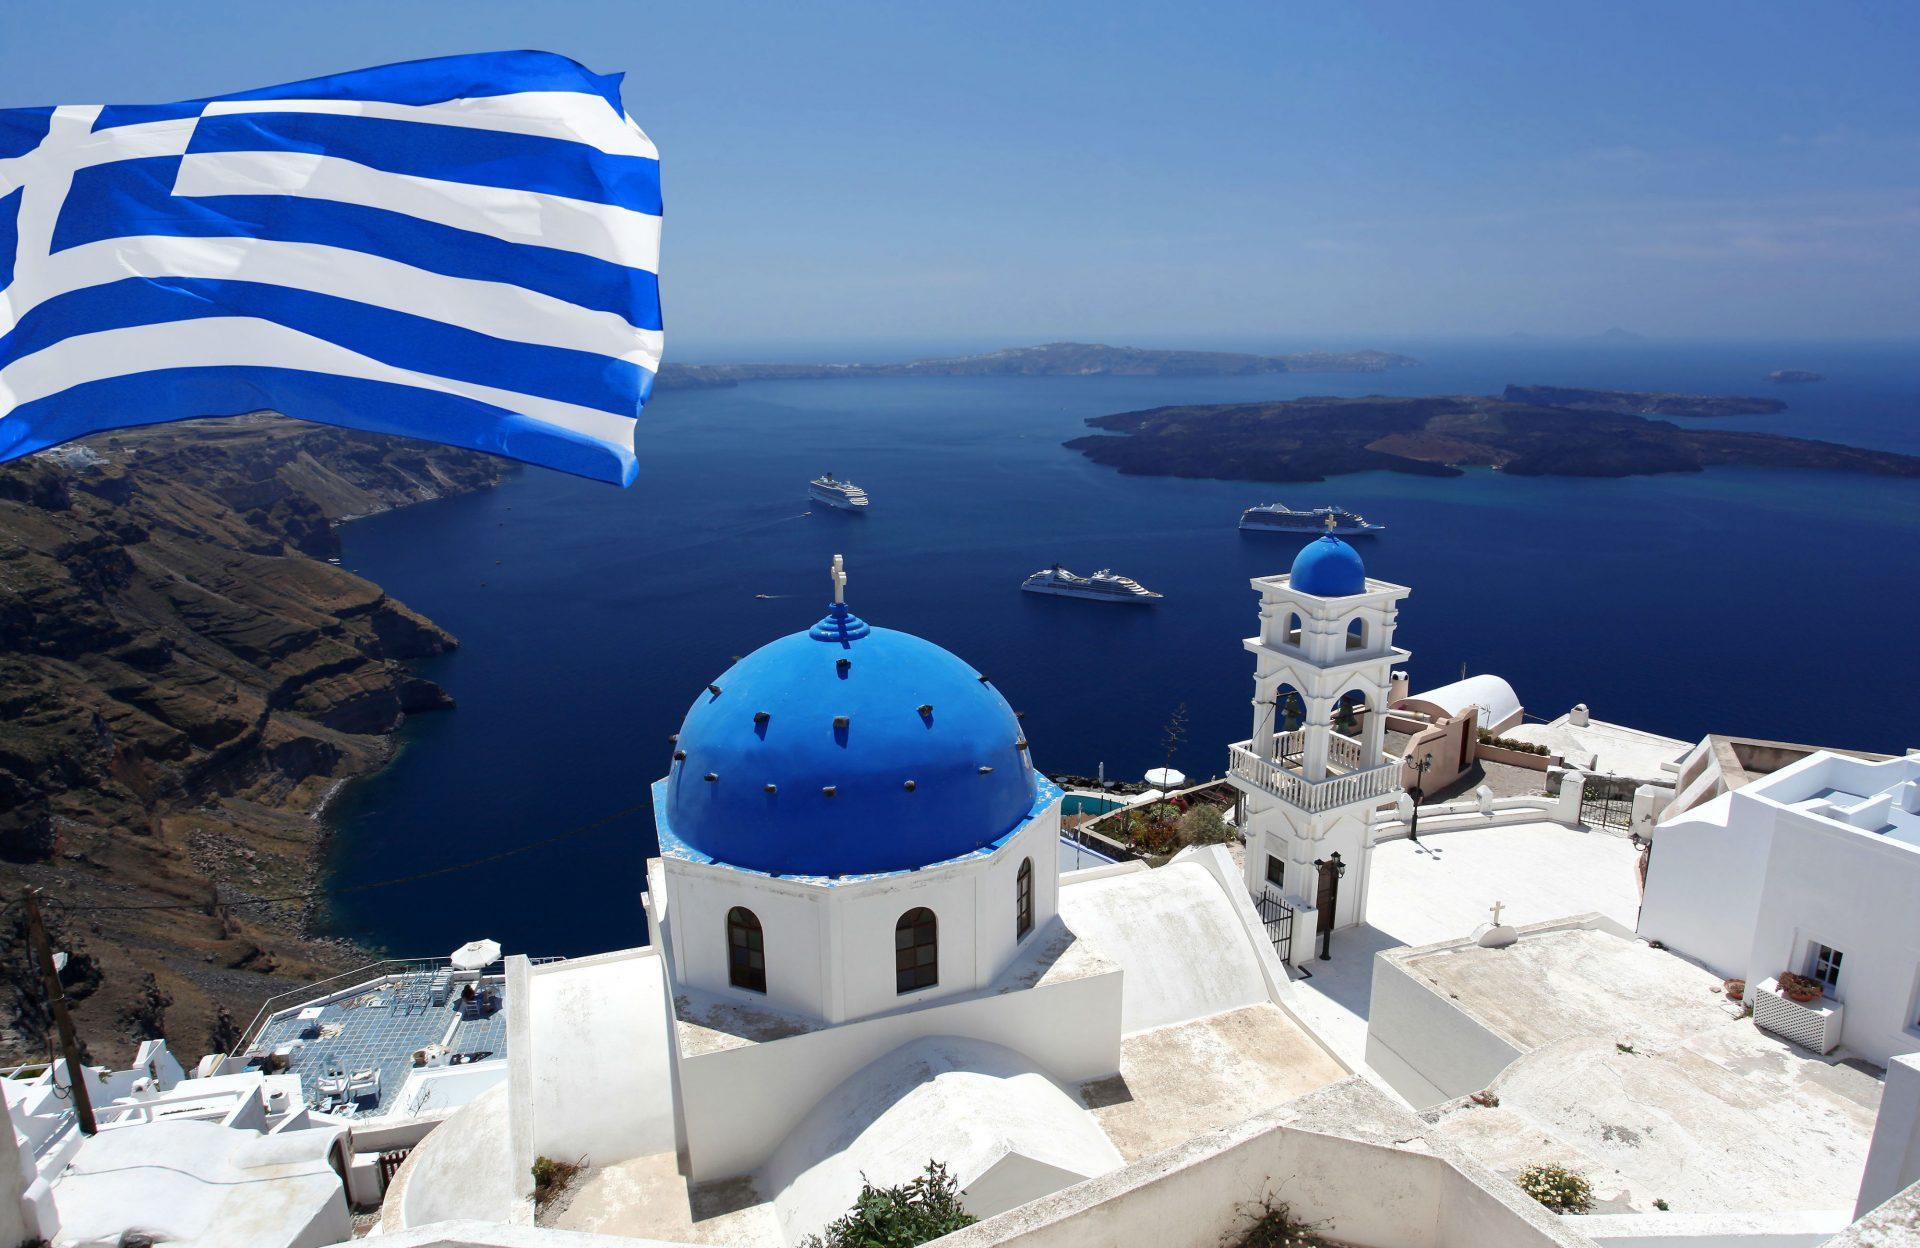 Античный уголок спокойствия и безопасности для всей семьи: зачем россиянину вид на жительство в Греции